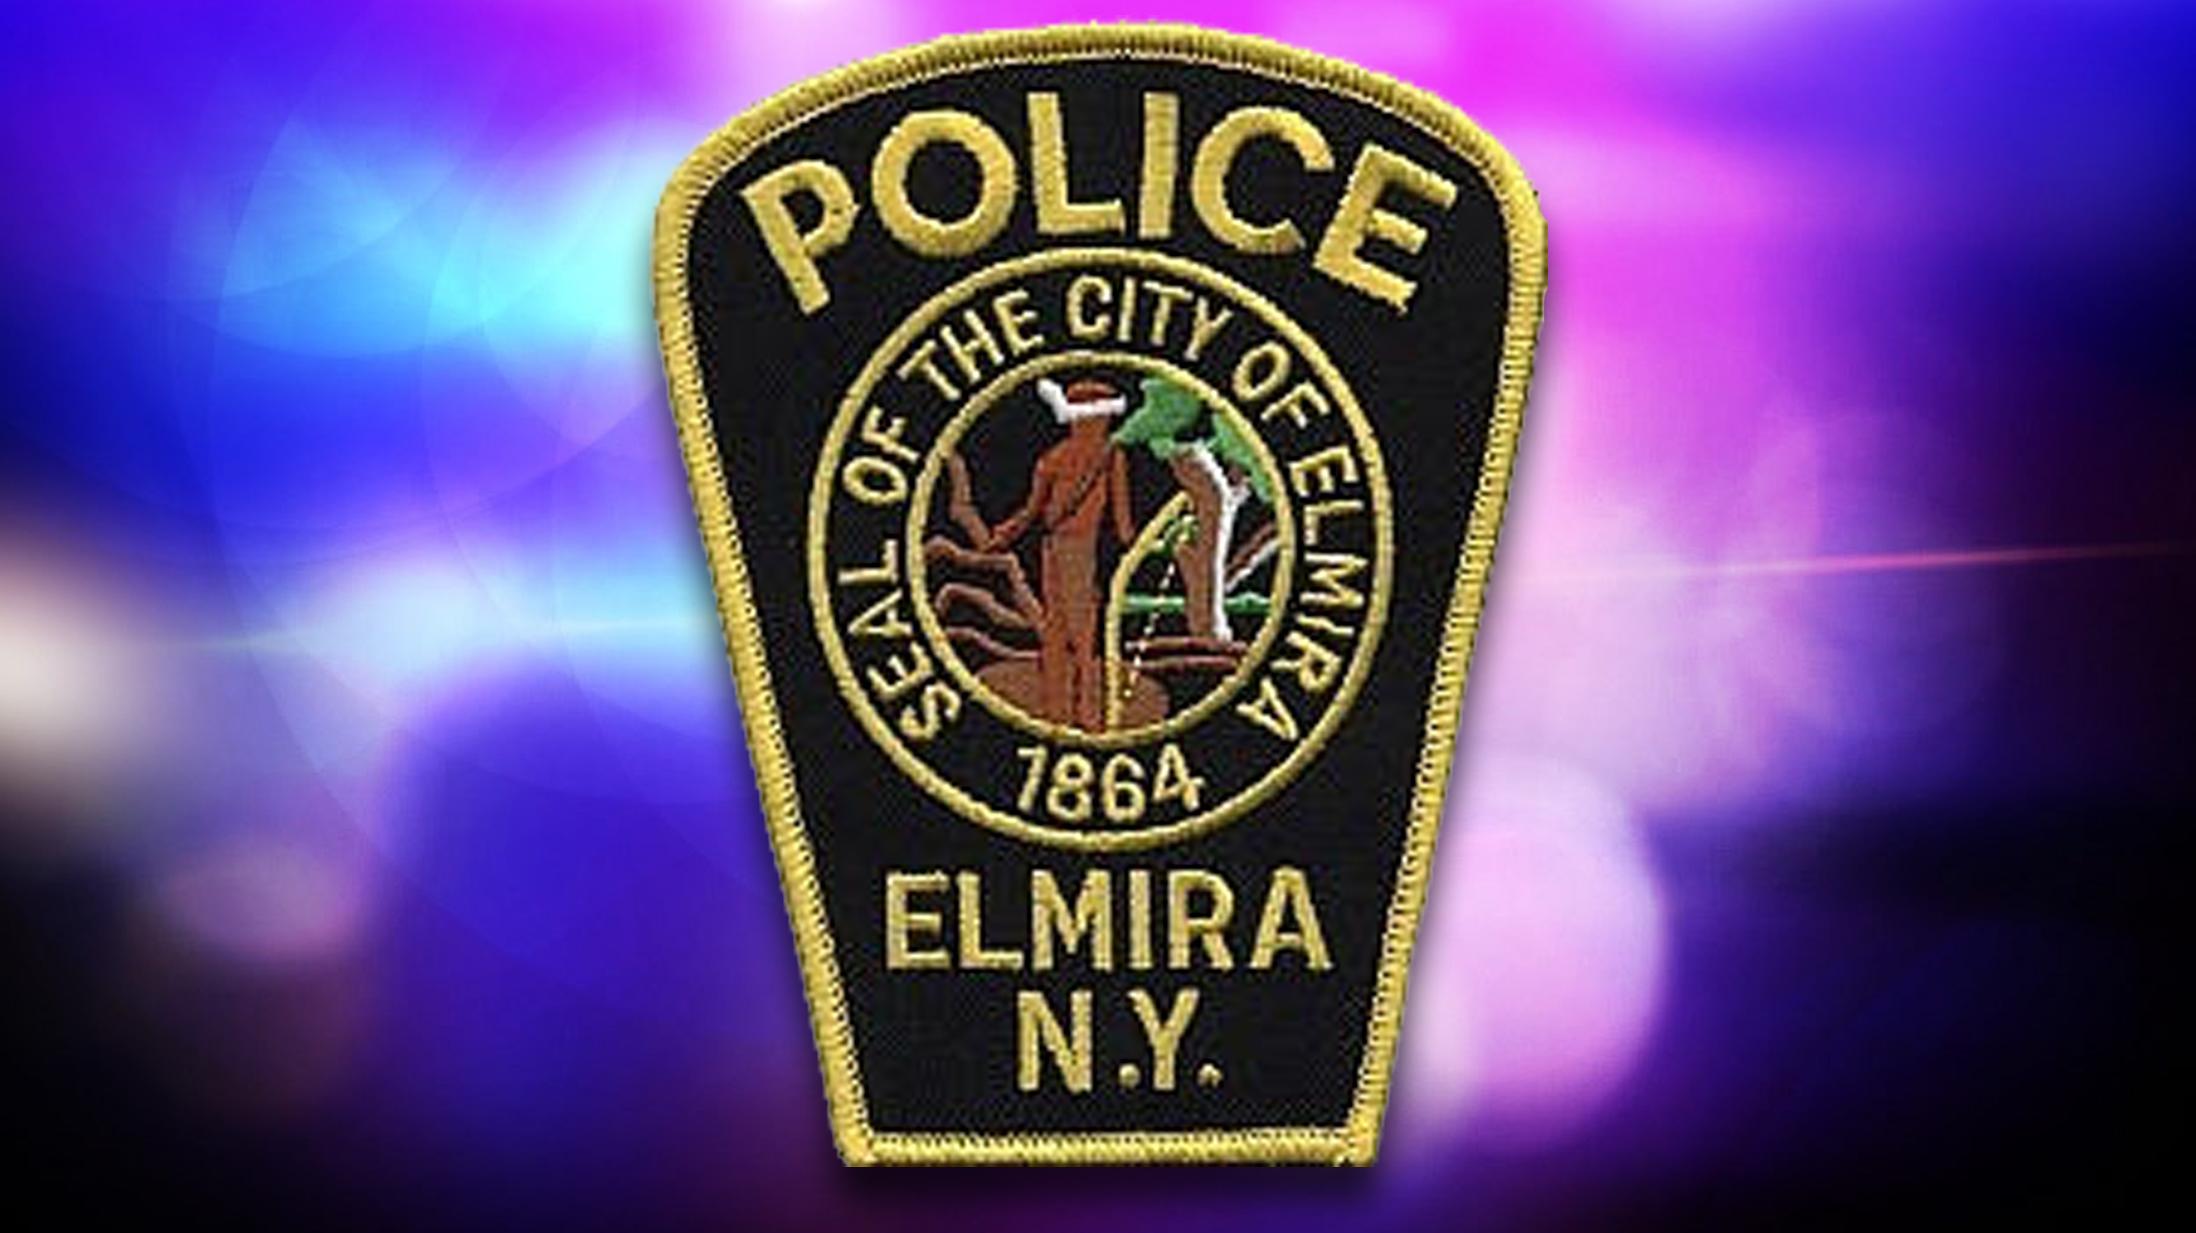 Elmira PD 12 18 2015_1452296341670.jpg